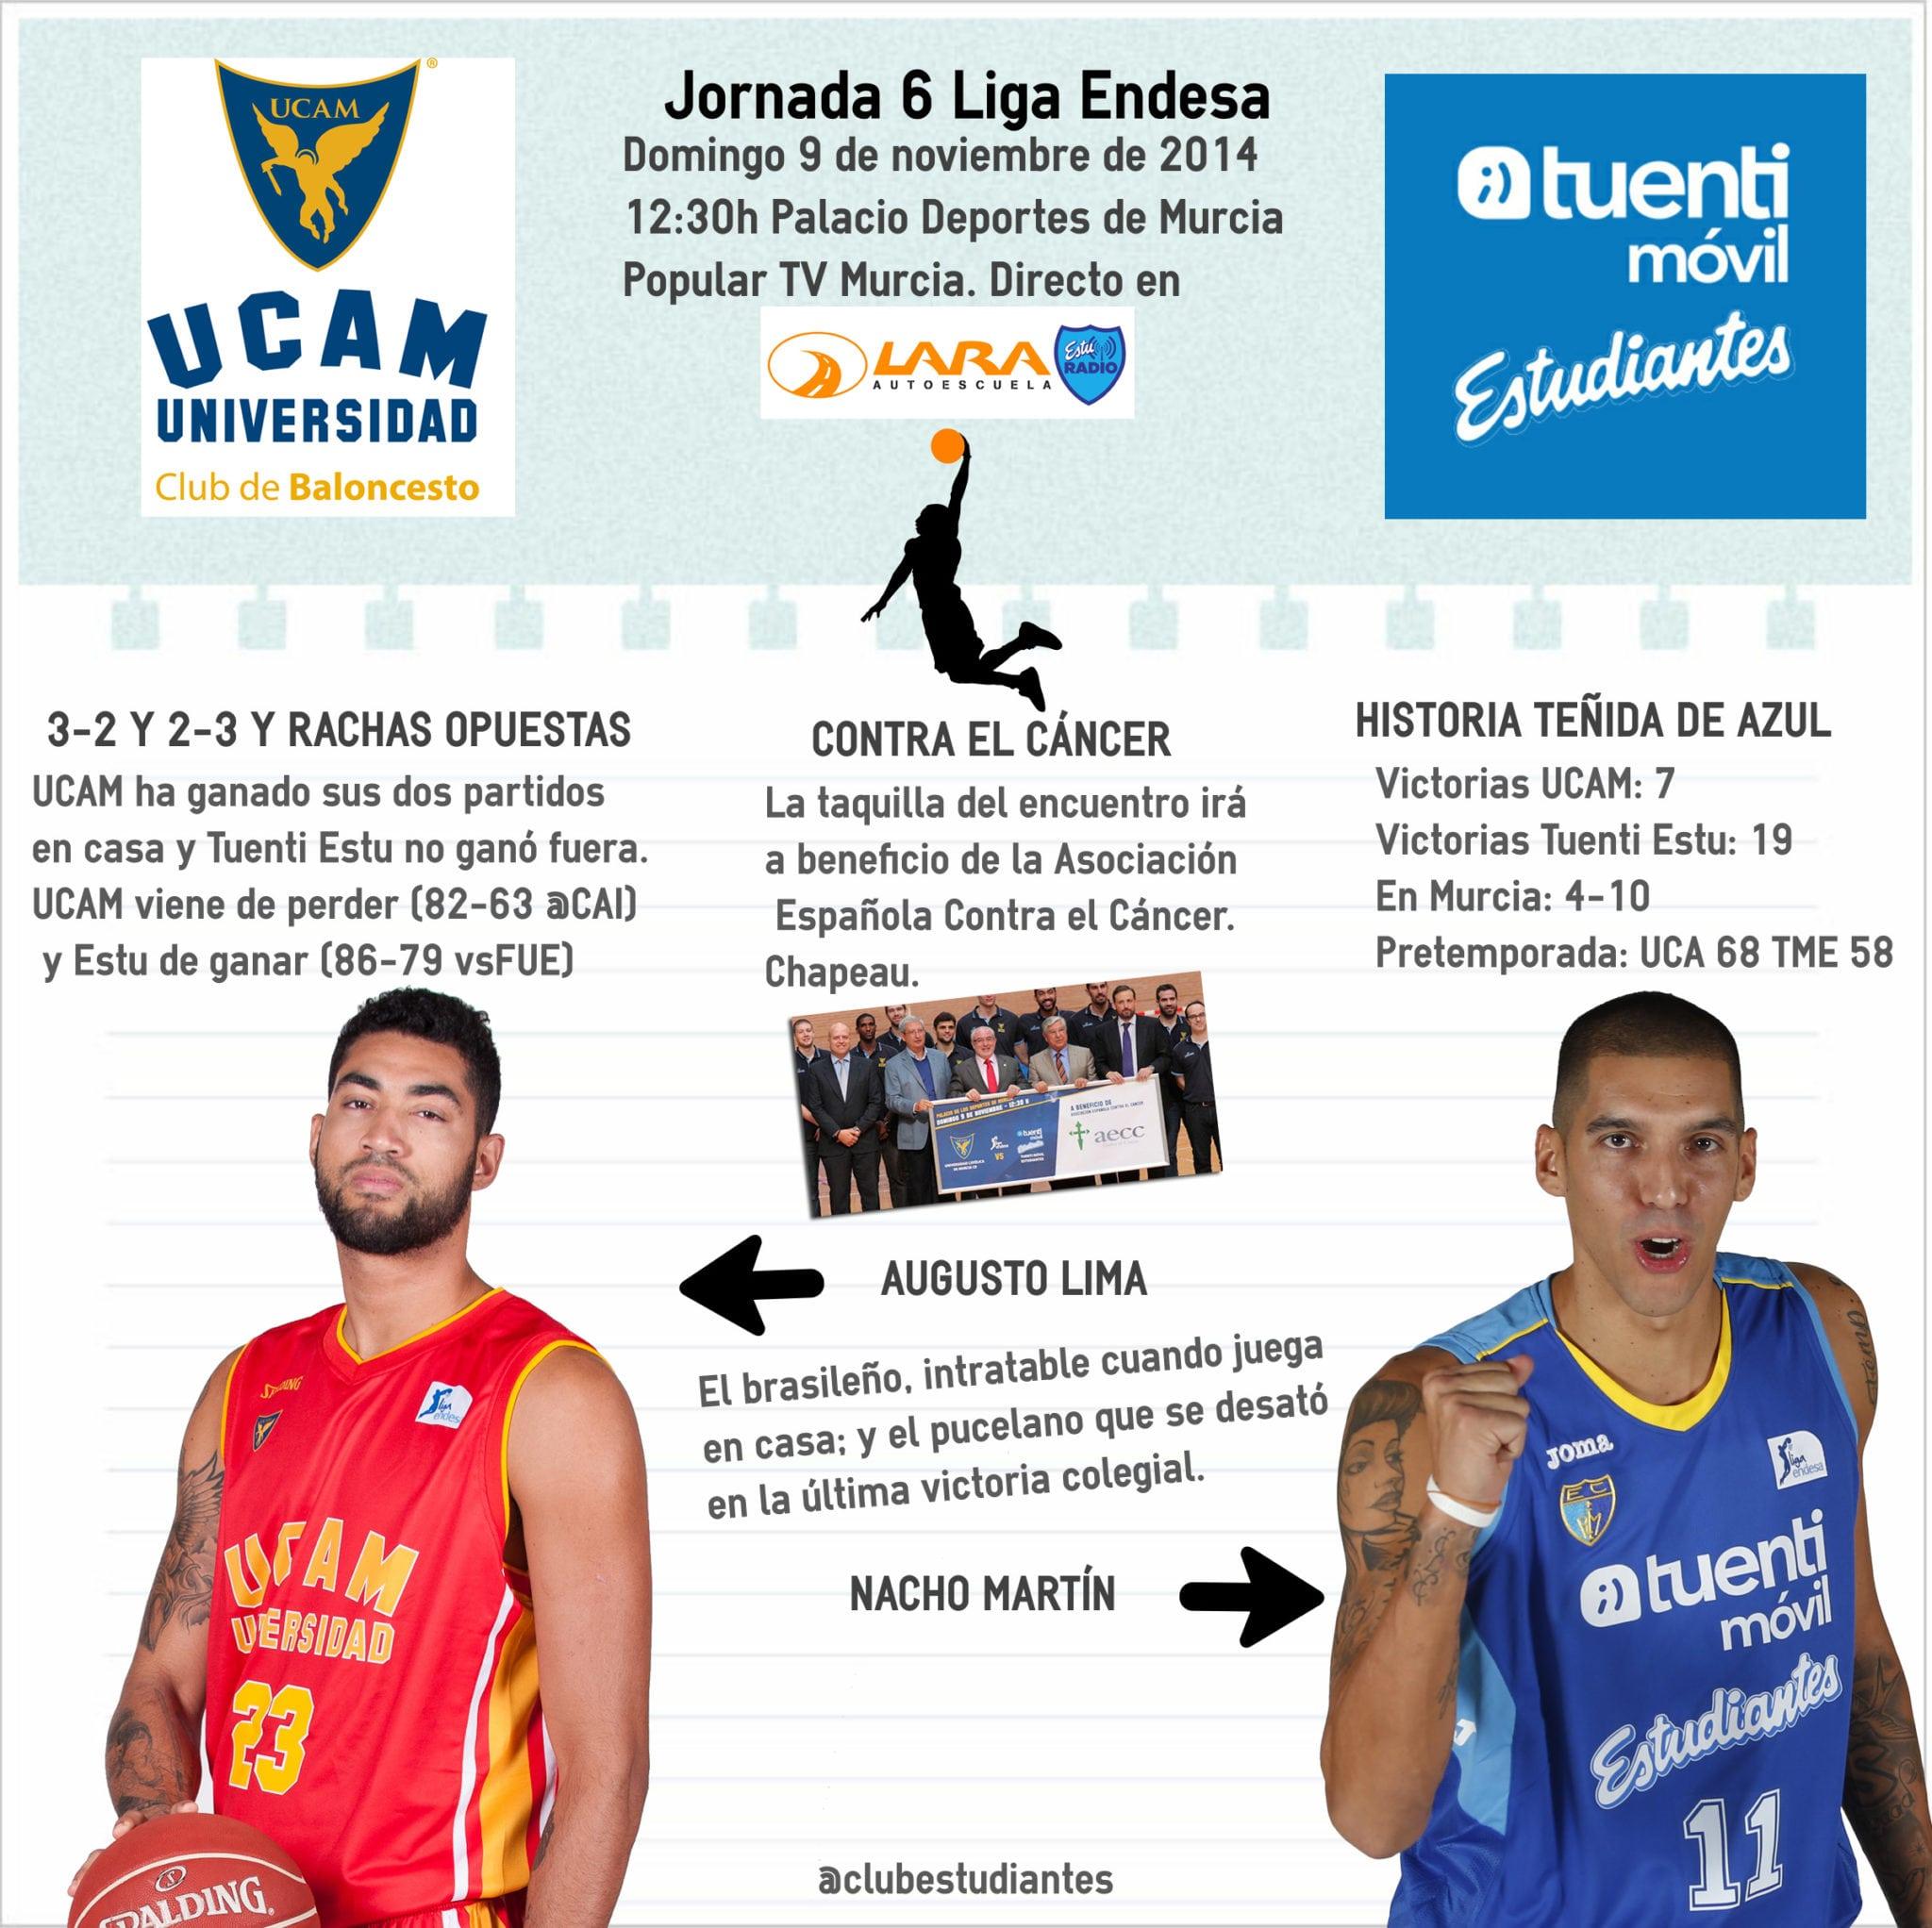 UCAM Murcia- Tuenti Móvil Estudiantes, domingo 12:30h (Popular TV y EstuRadio): a ratificar la mejoría